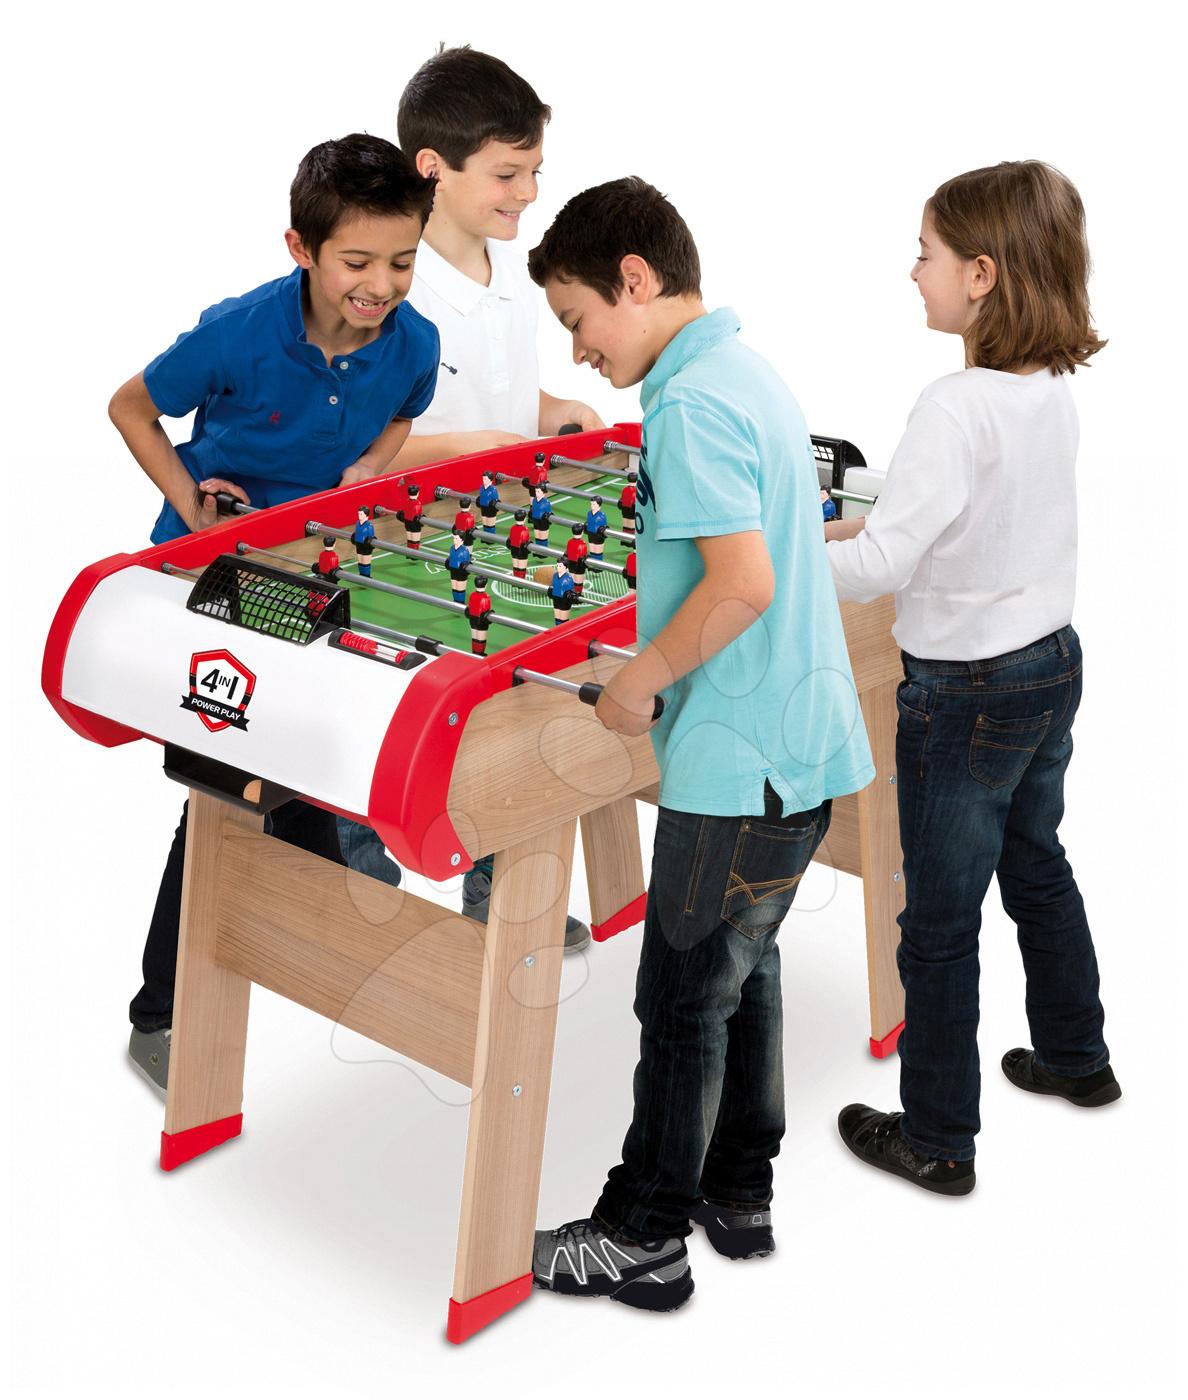 masă de fotbal power play 4in1 smoby multifuncţională